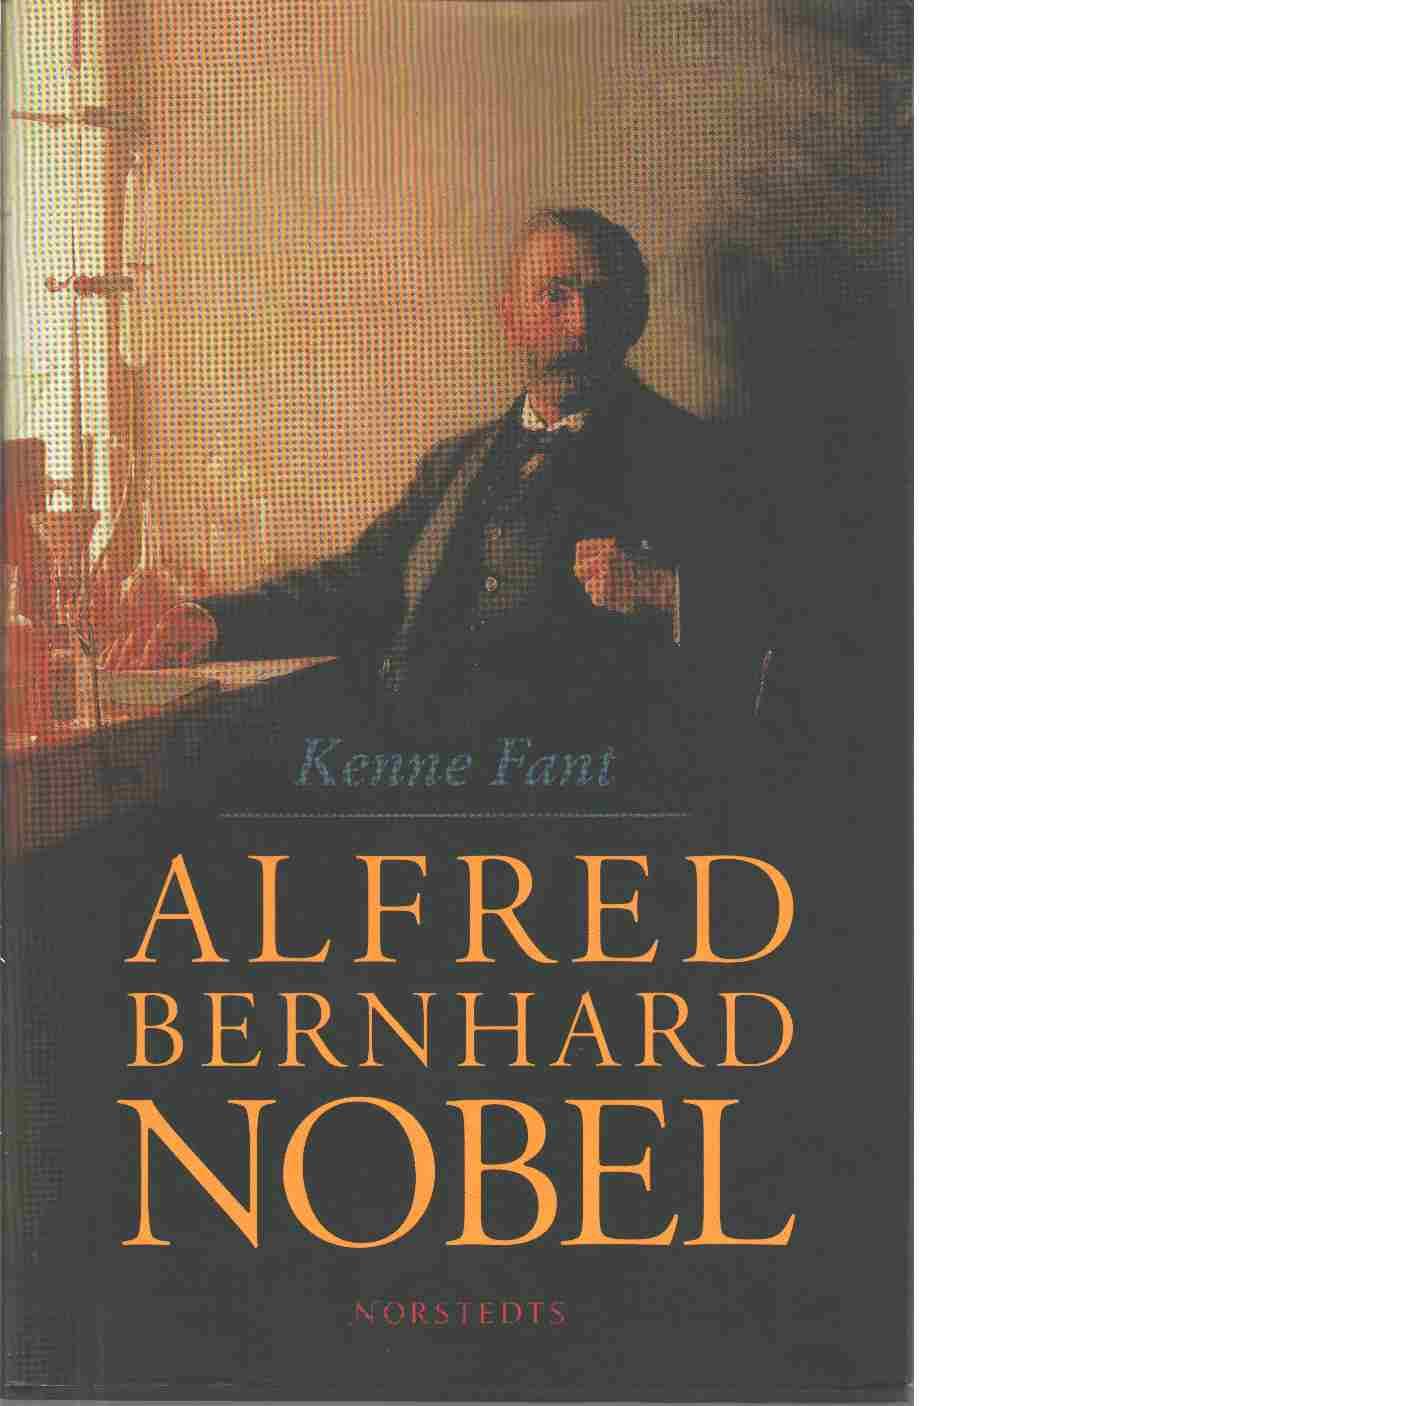 Alfred Bernhard Nobel - Fant, Kenne